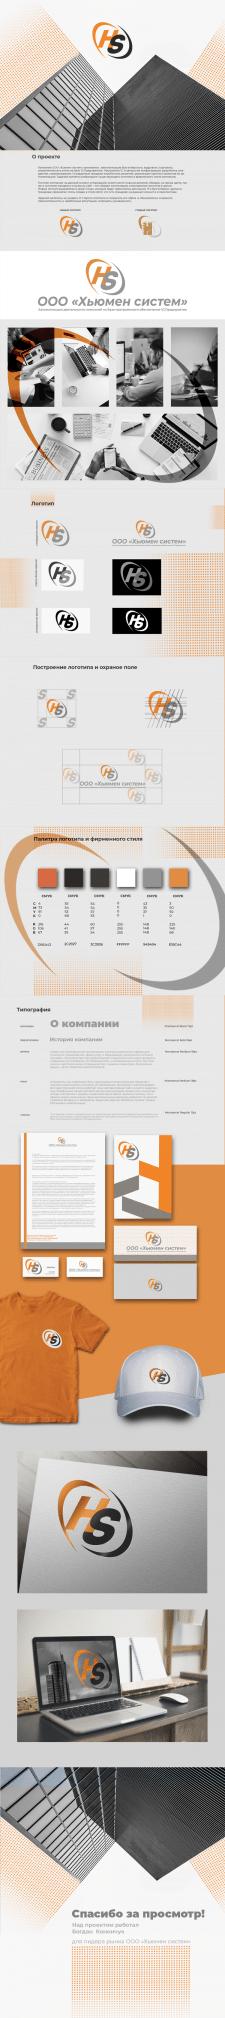 Редизайн для лидера рынка ООО «Хьюмен систем»